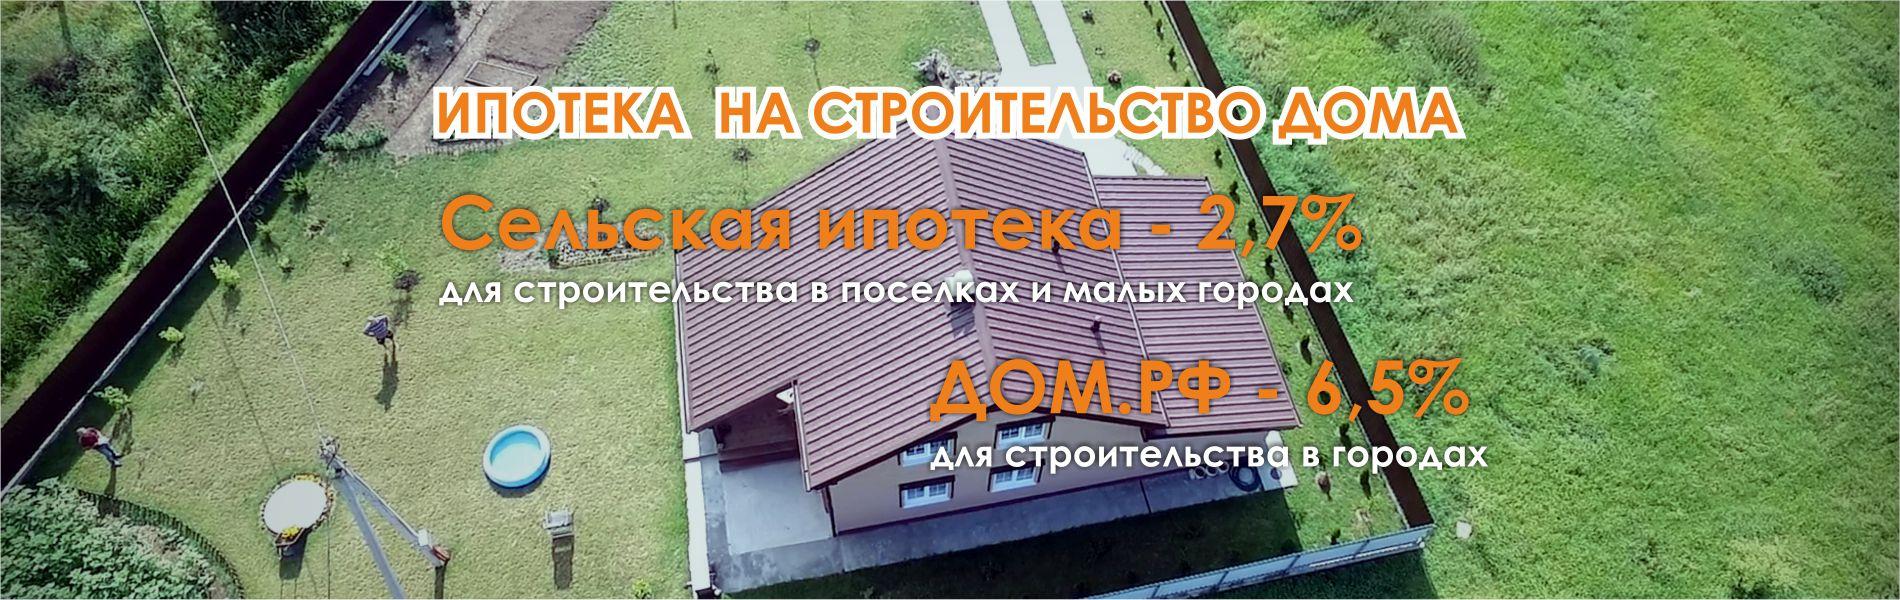 stroy-dom-v-ipoteka2.7-6.5-1